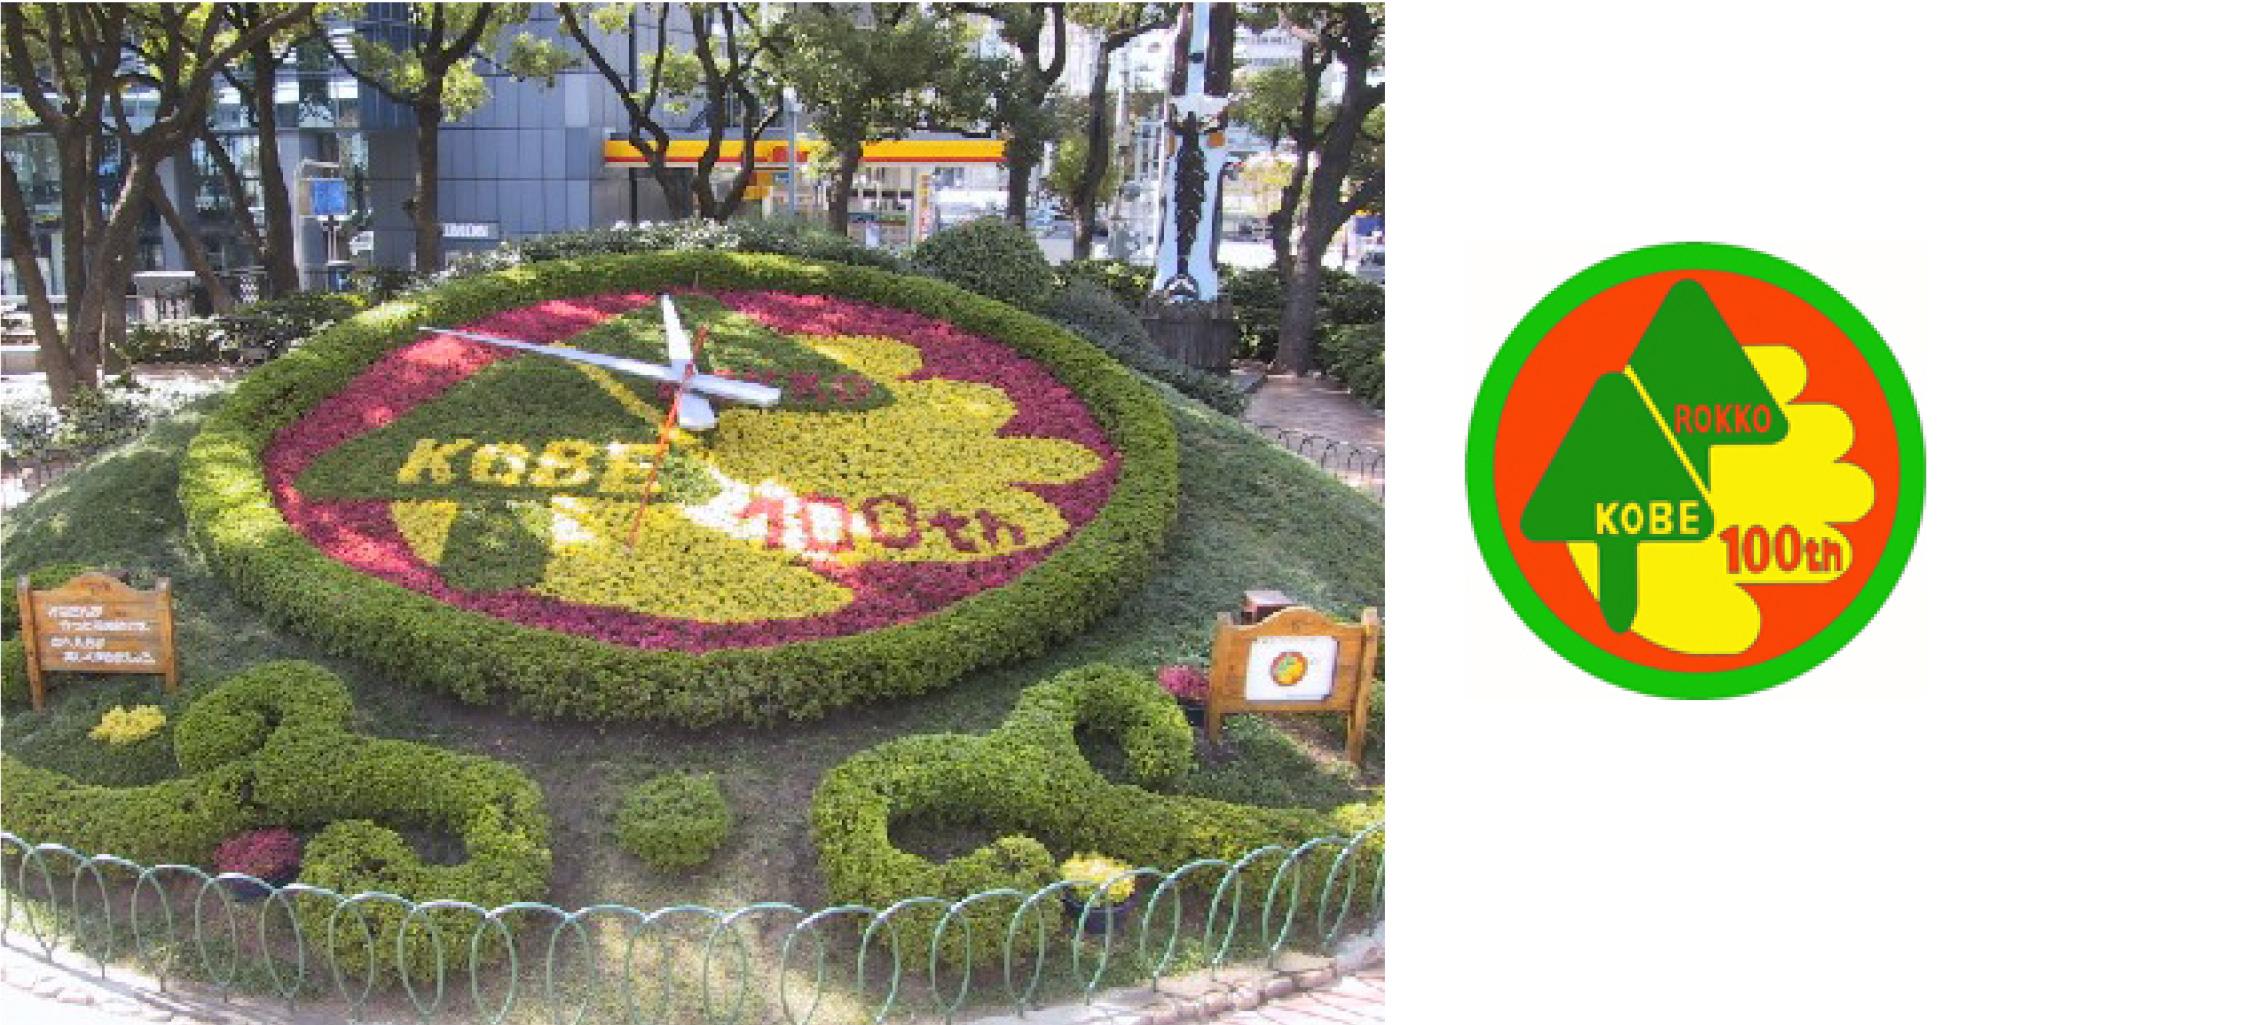 「六甲山緑化100周年記念」シンボルマーク